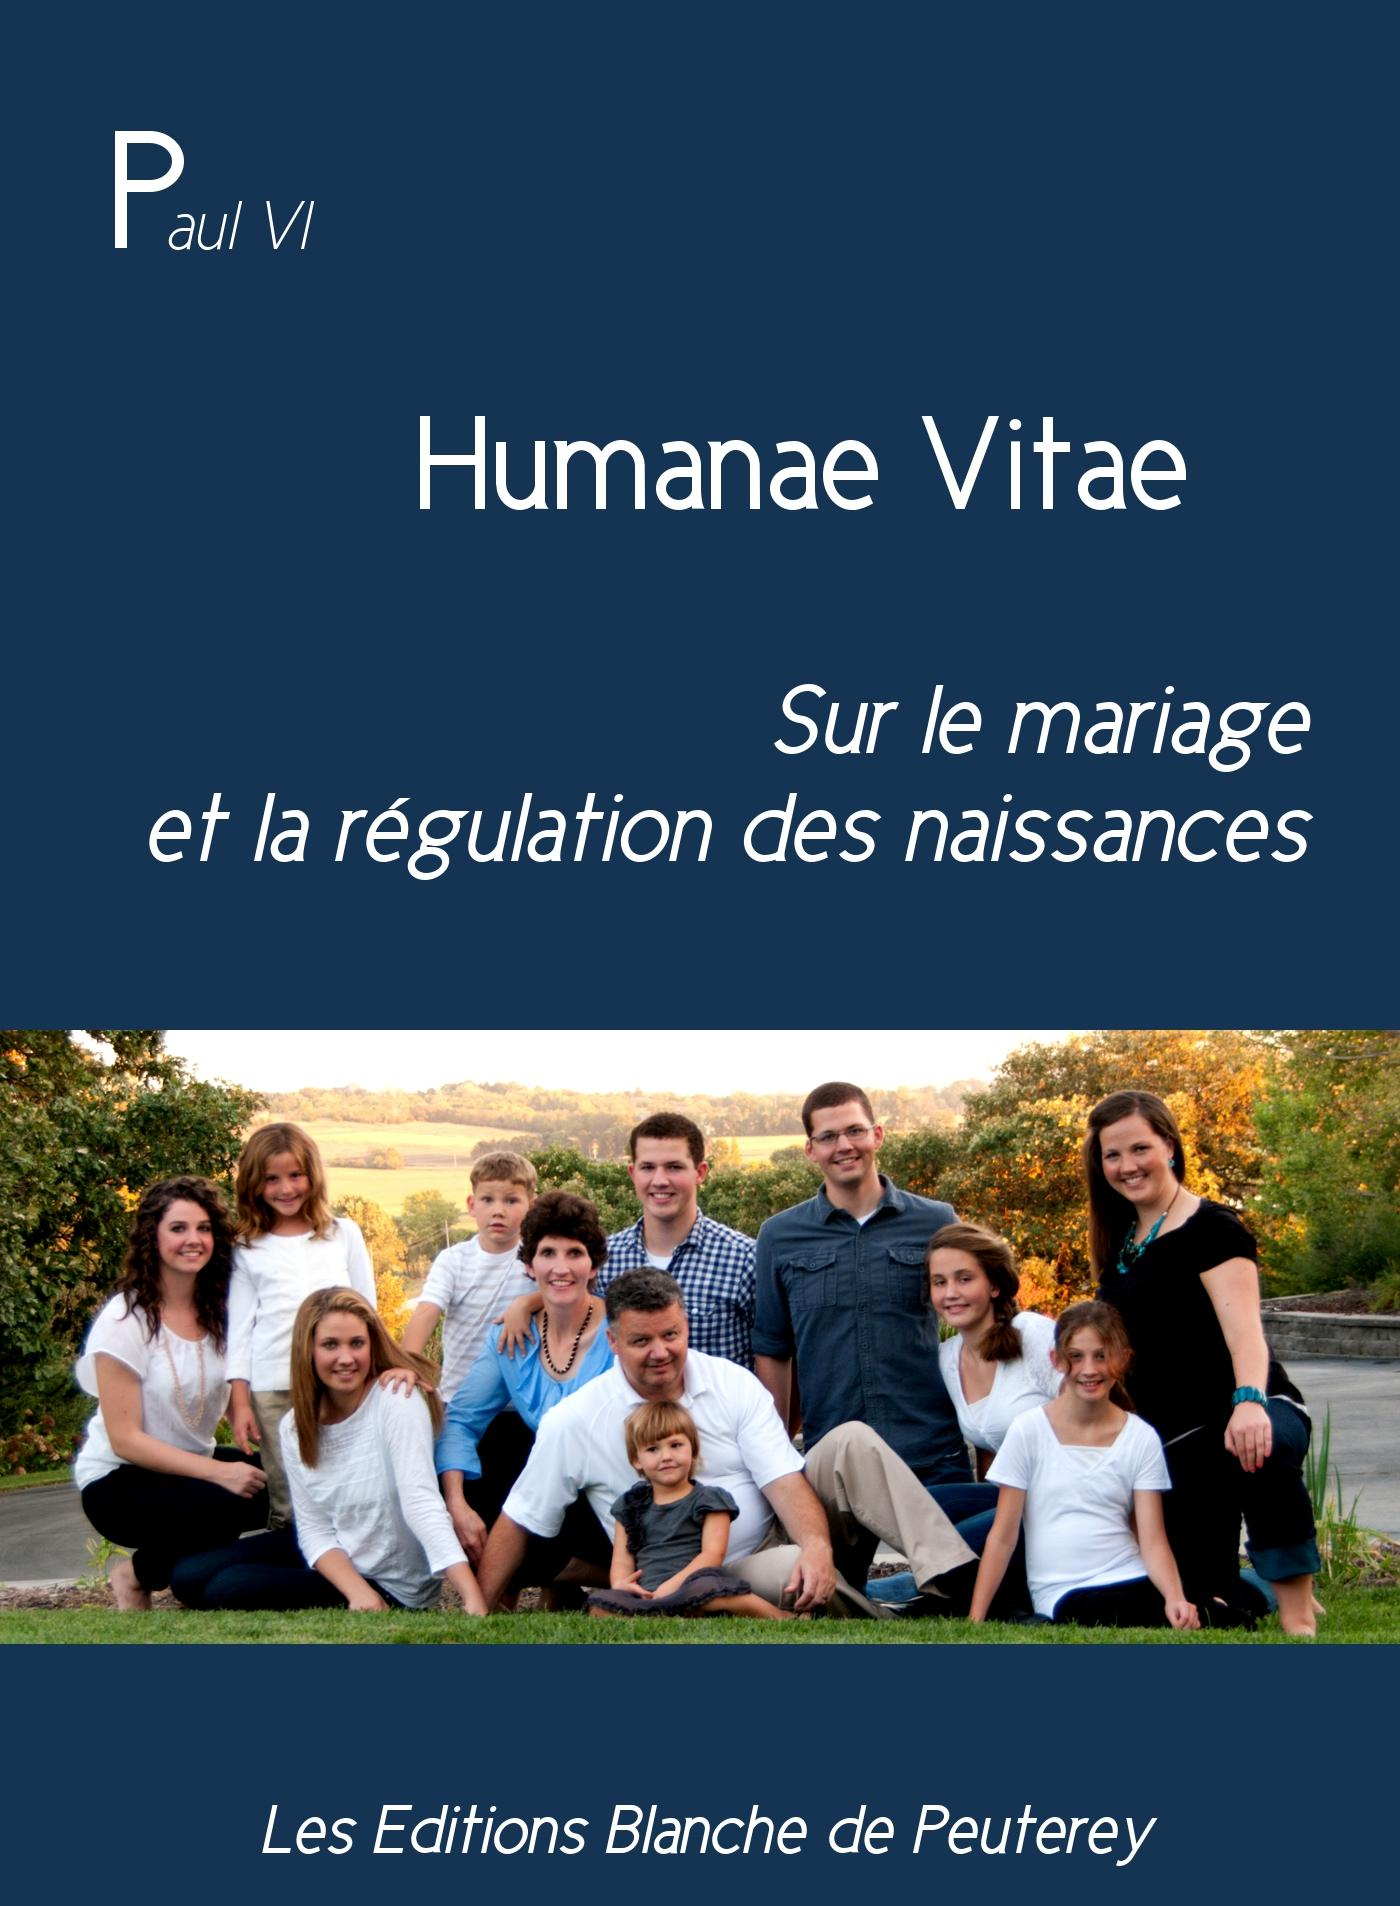 Humanae Vitae, LETTRE ENCYCLIQUE SUR LE MARIAGE ET LA RÉGULATION DES NAISSANCES